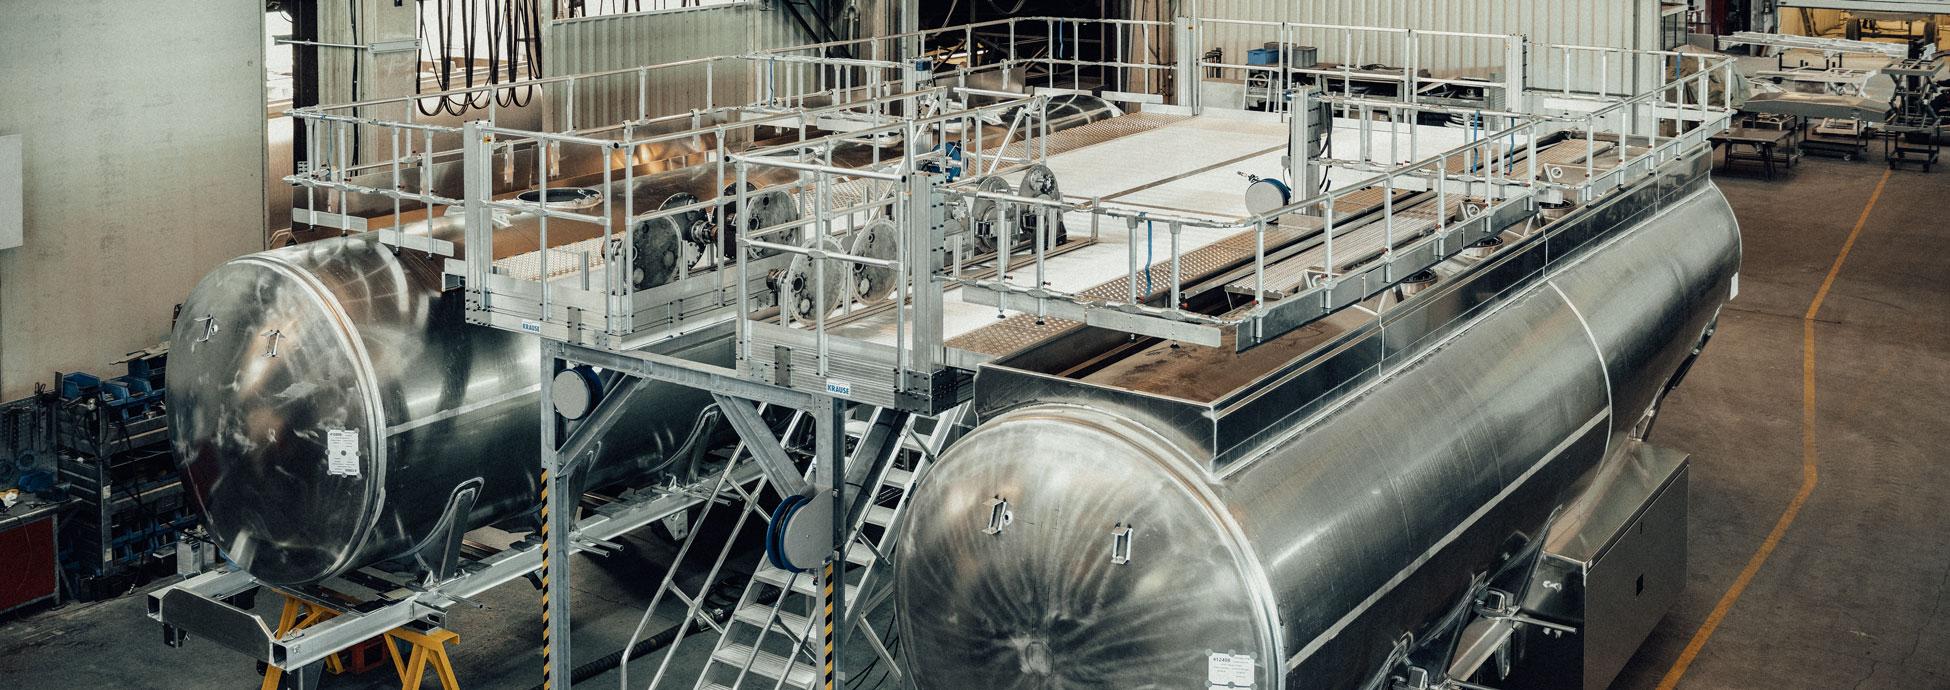 Dwustronna platforma robocza z dostępem za pomocą schodów